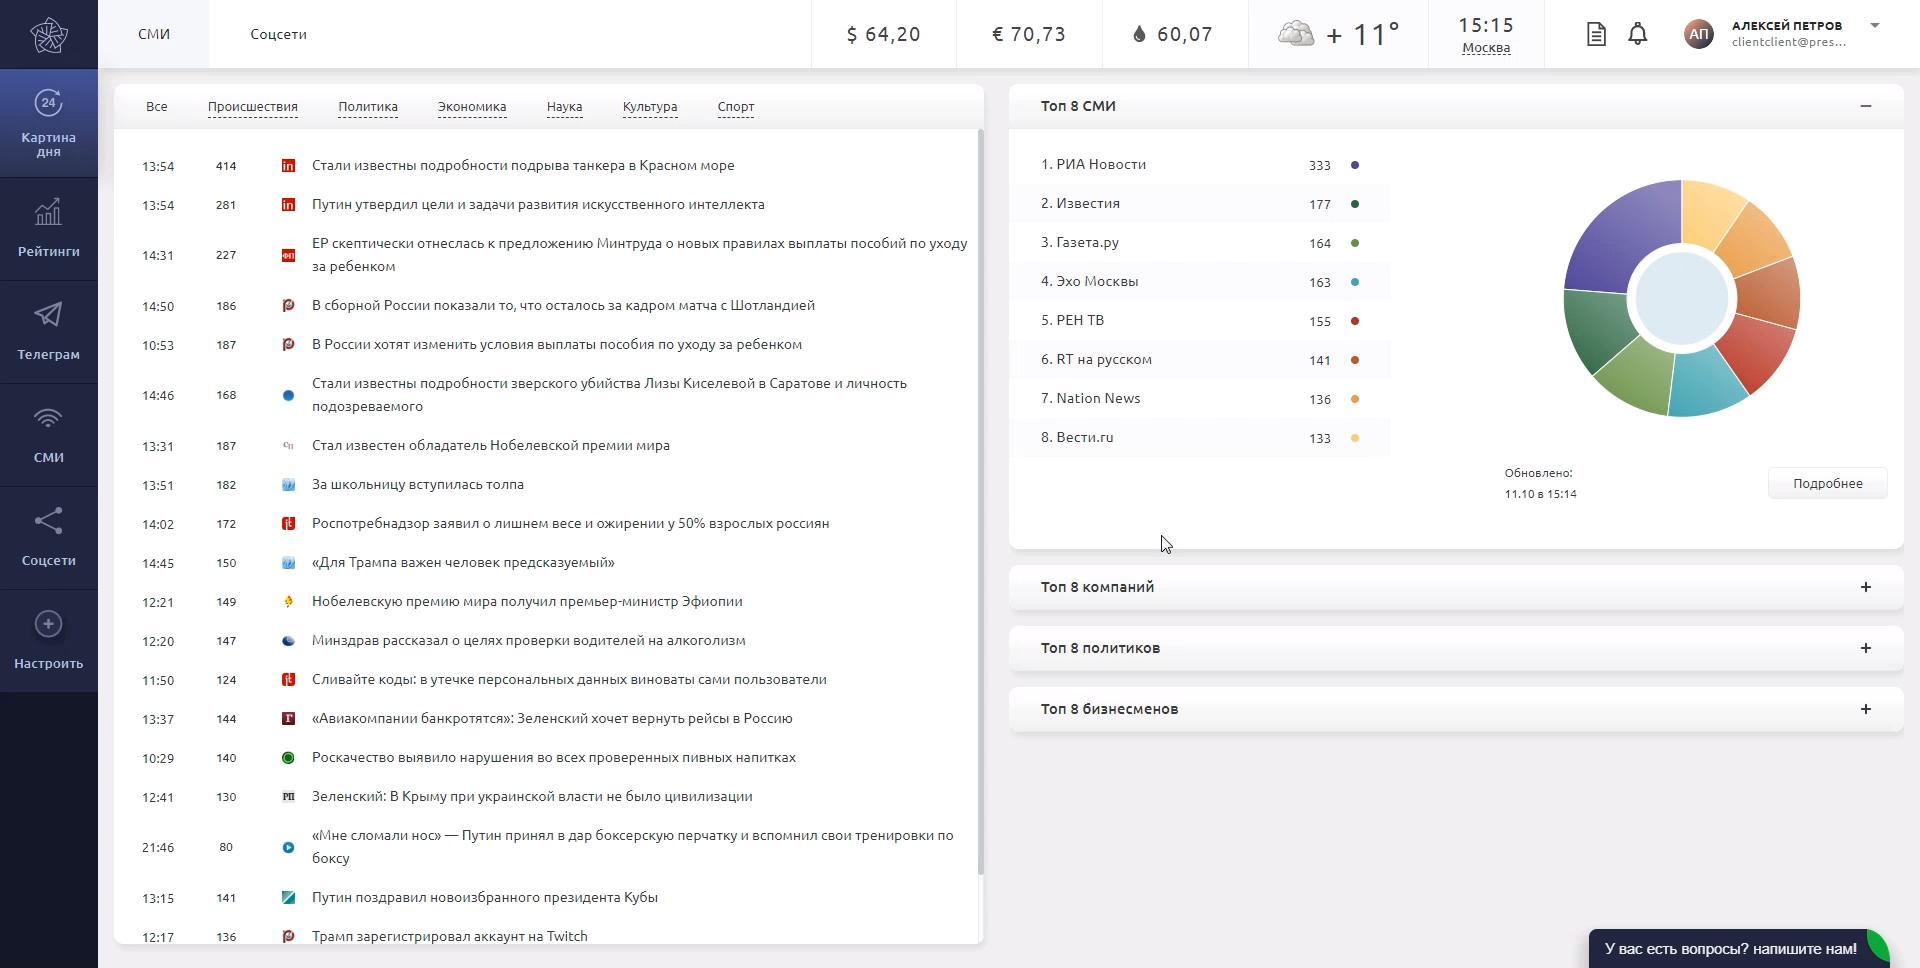 Информационная картина дня в онлайн-сервисе анализа и мониторинга СМИ ПрессИндекс